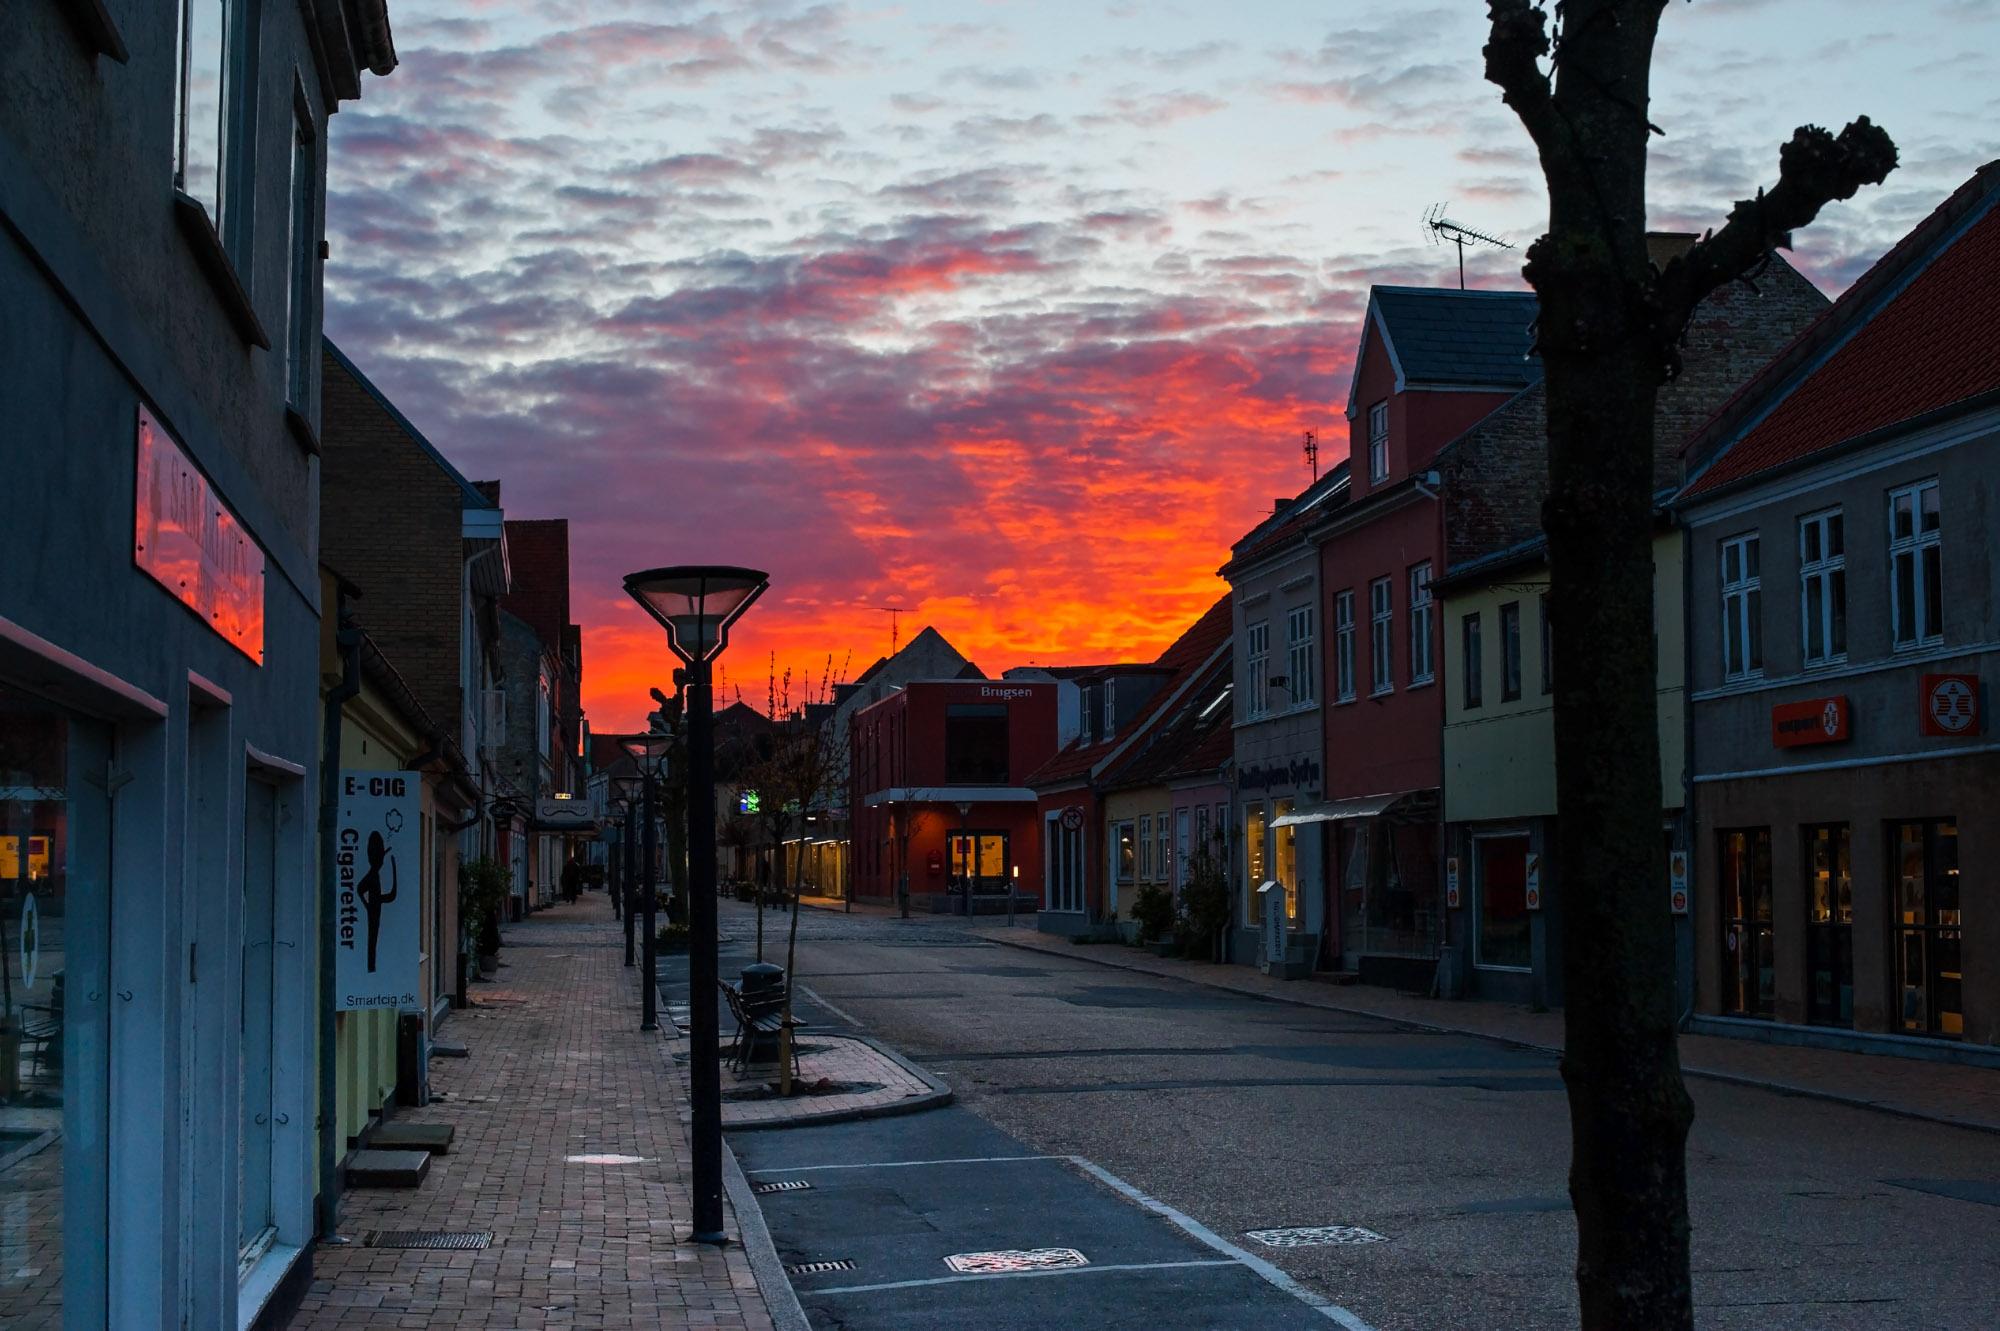 Rudkøbing Handelstandsforening - Solnedgang over byen